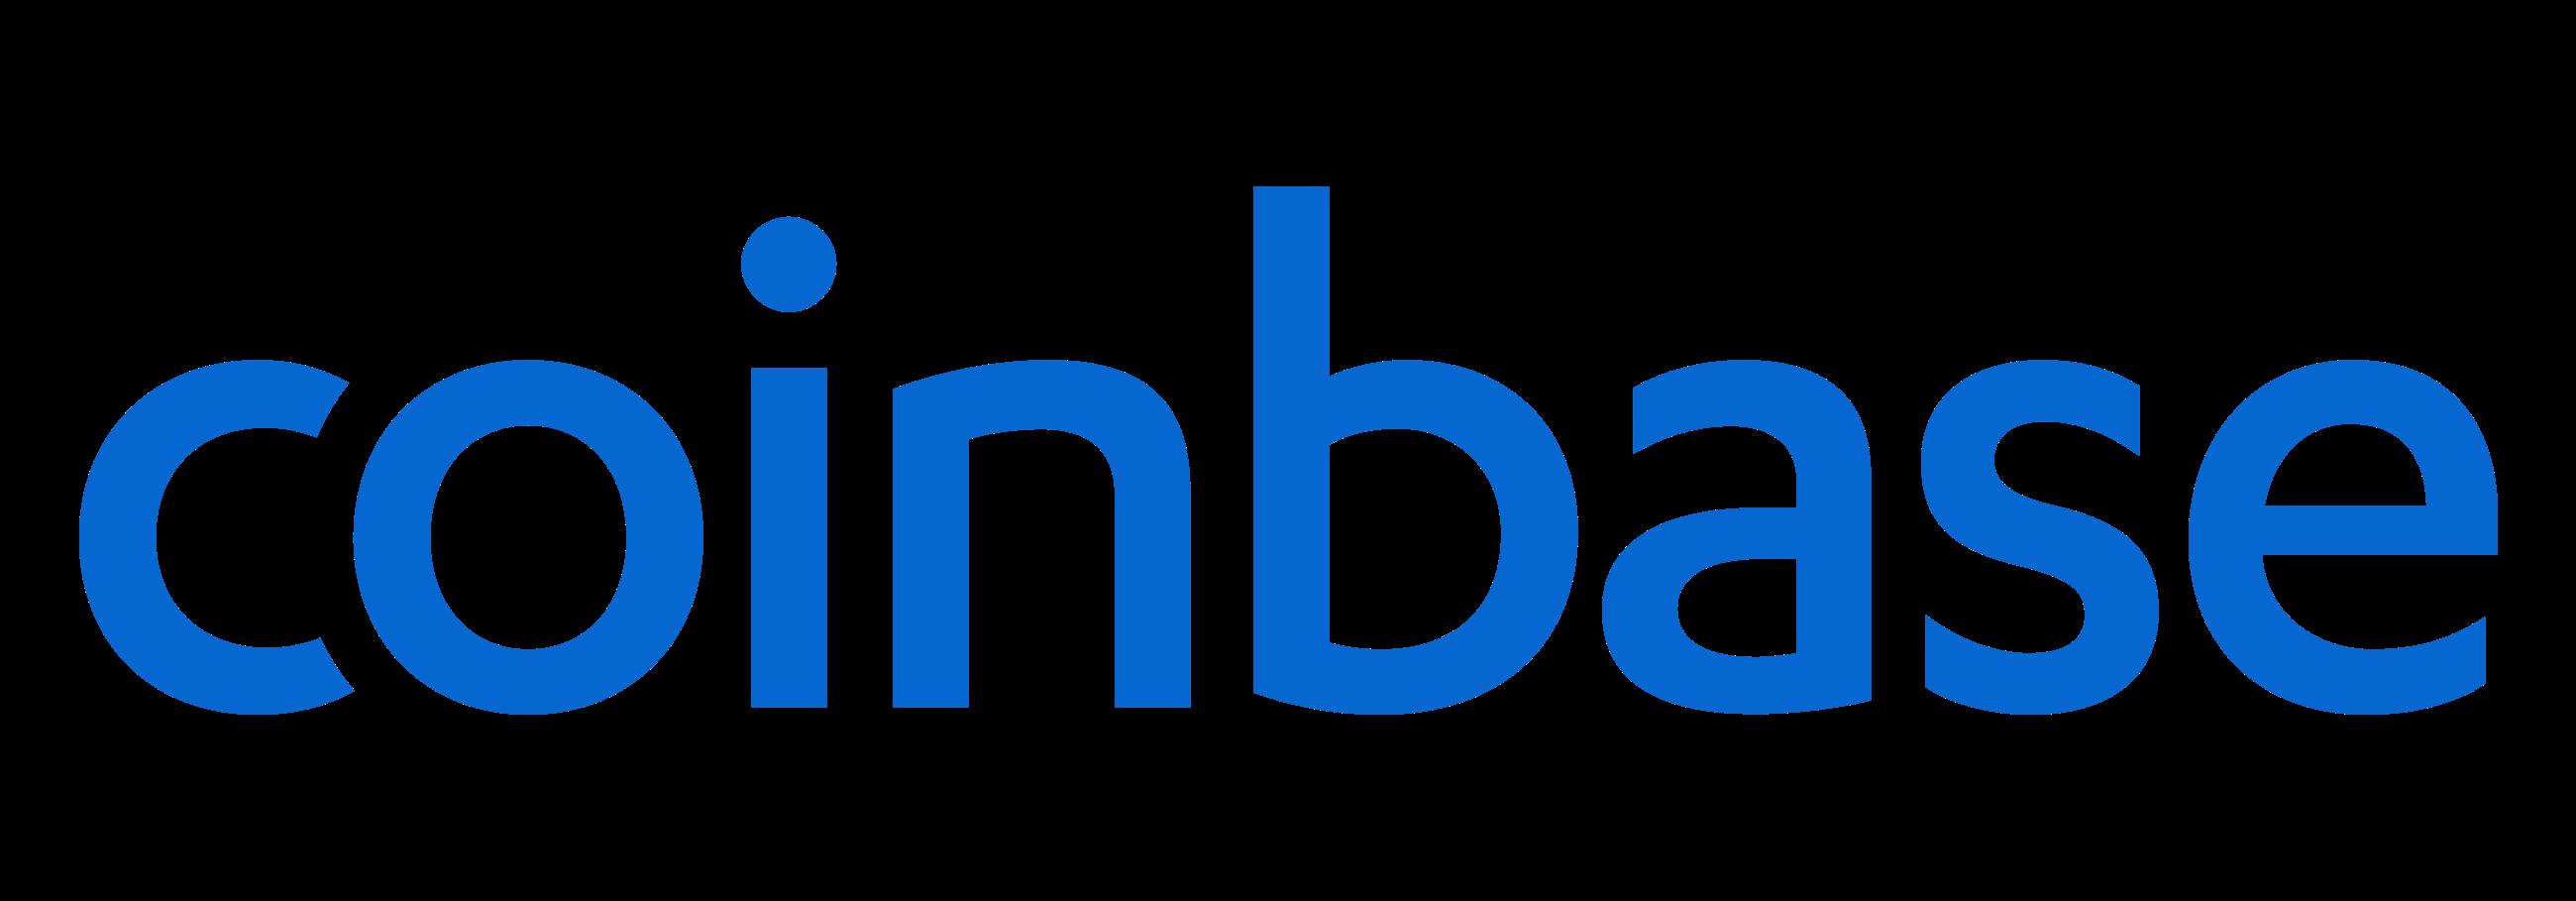 Coinbase blue logo